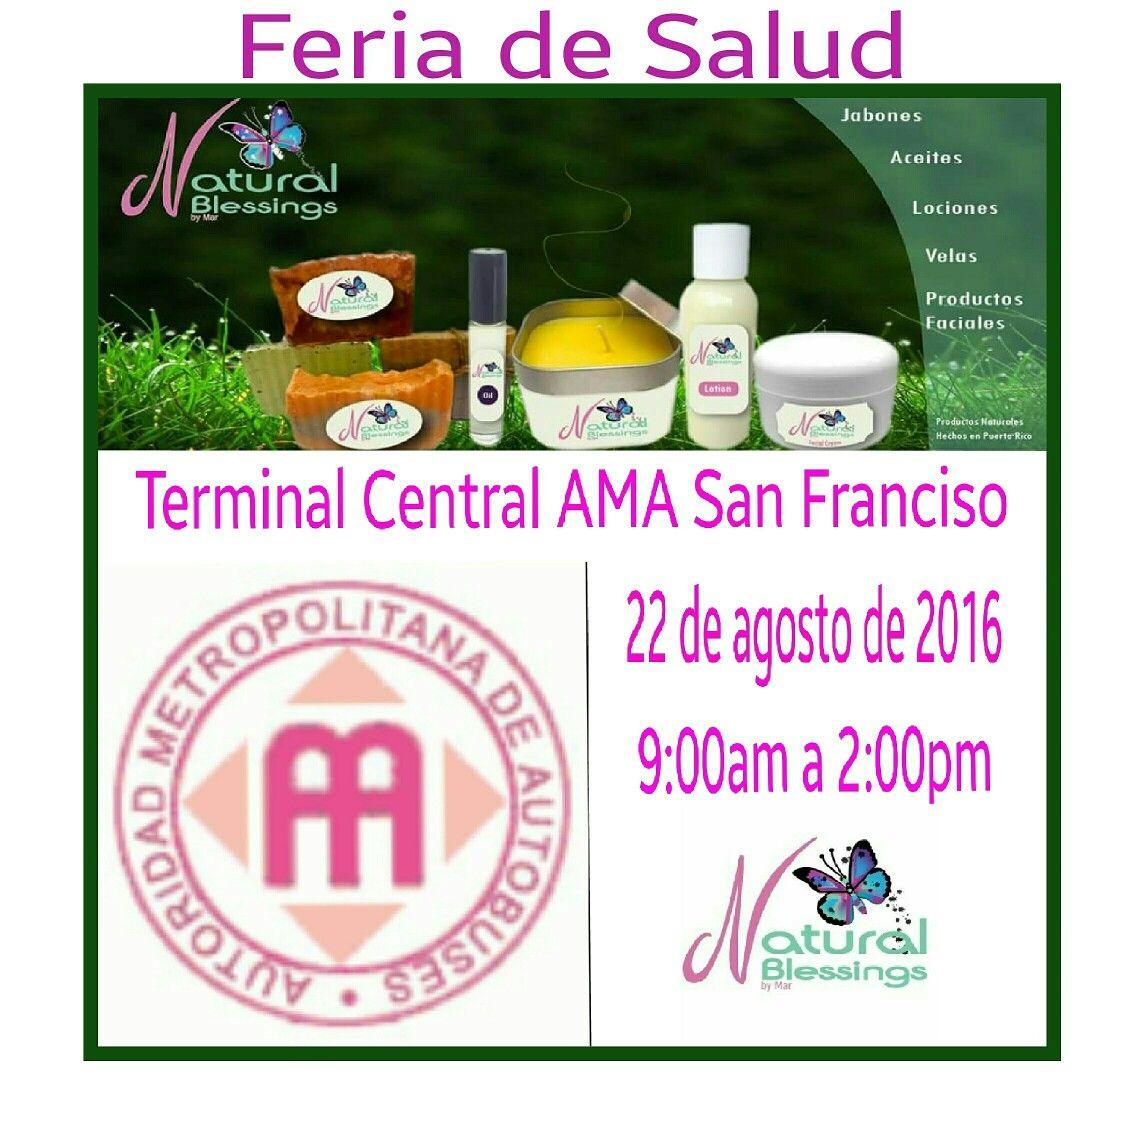 Mañana de 9:00am a 2:00pm nos vemos en la Feria.de Salud en el Terminal Central de la AMA en San Francisco.